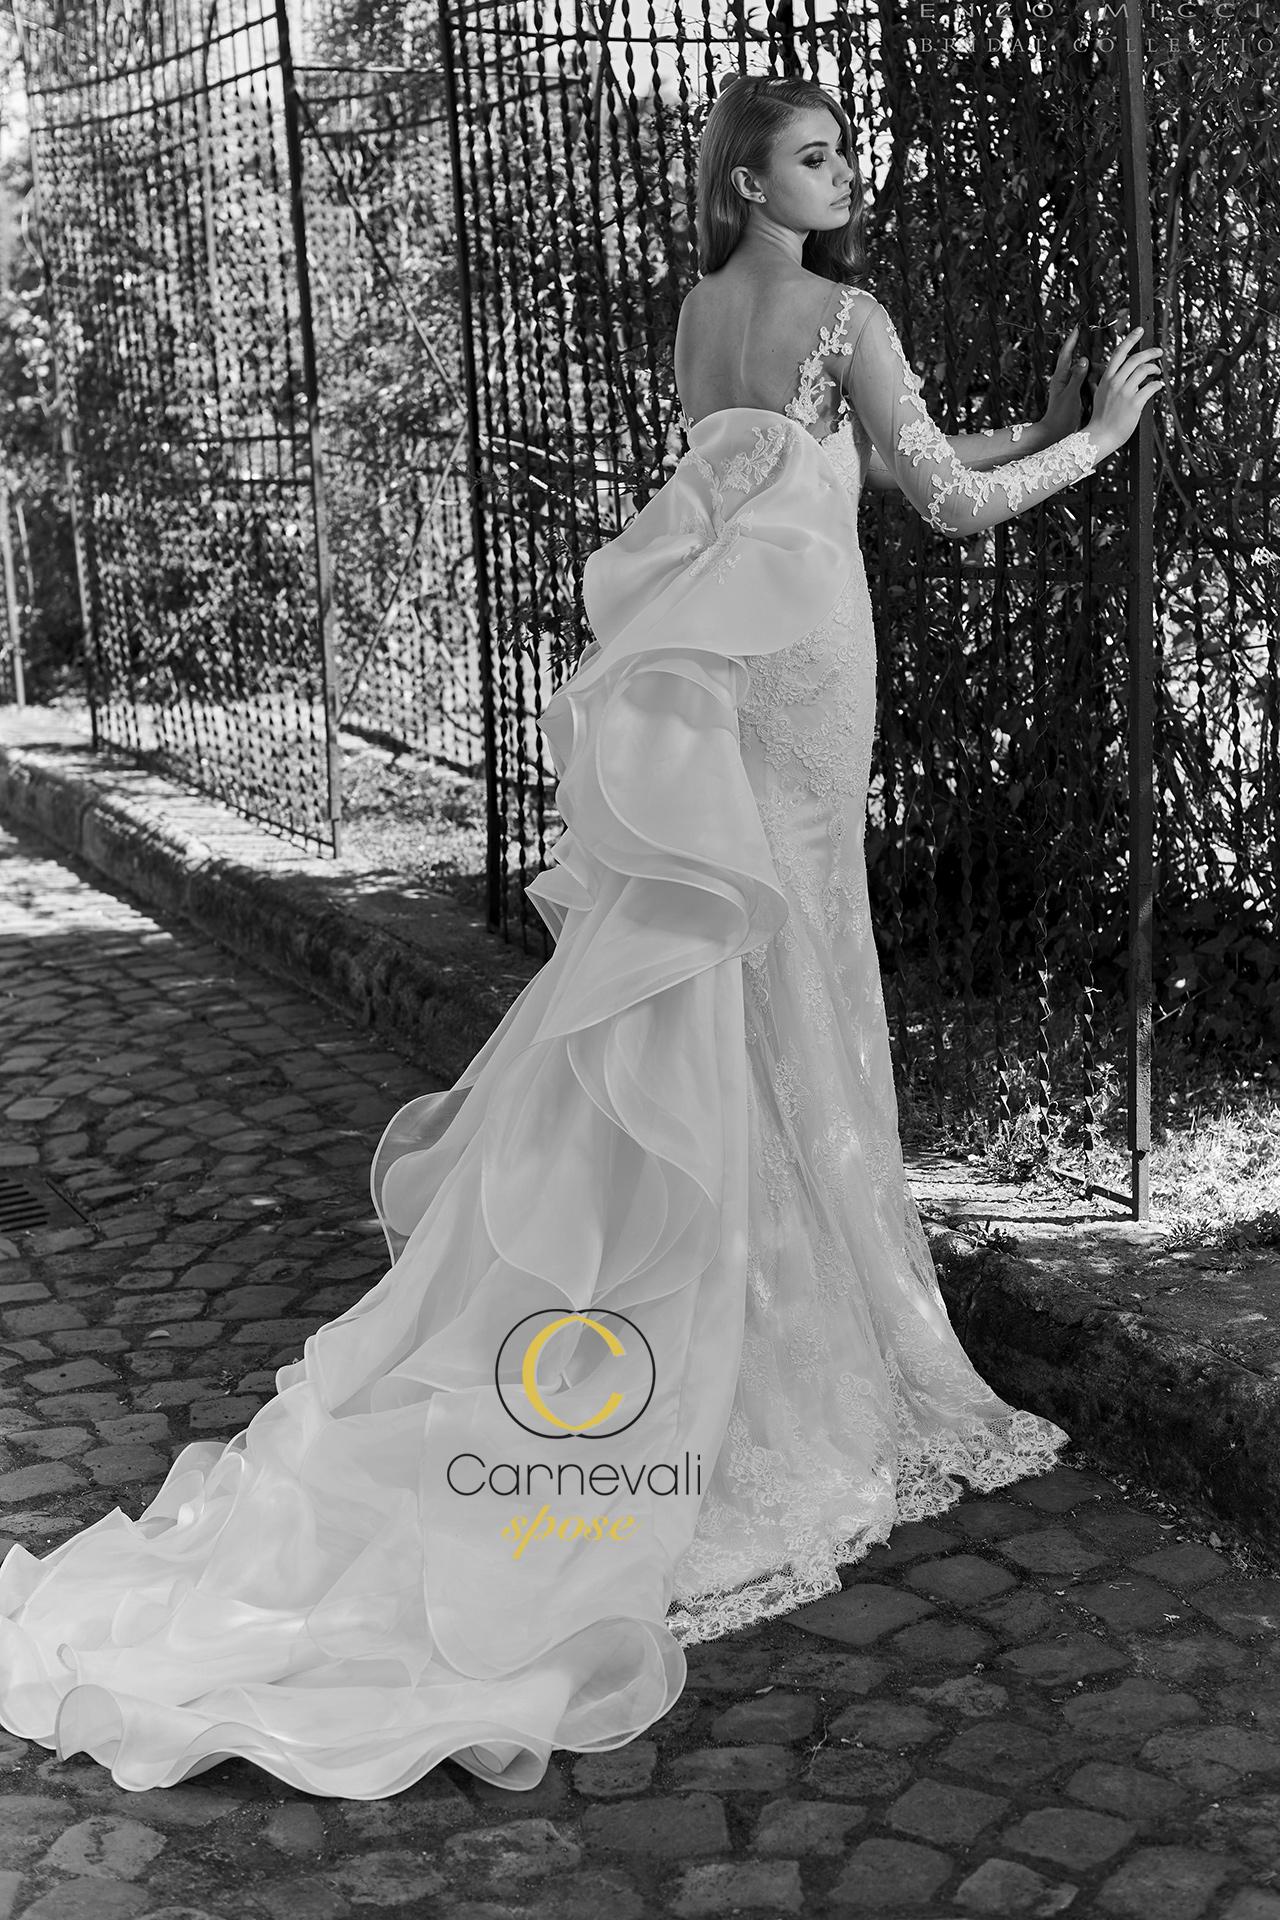 ENZO MICCIO SOPHIA - Carnevali Spose 5573a0ecb32